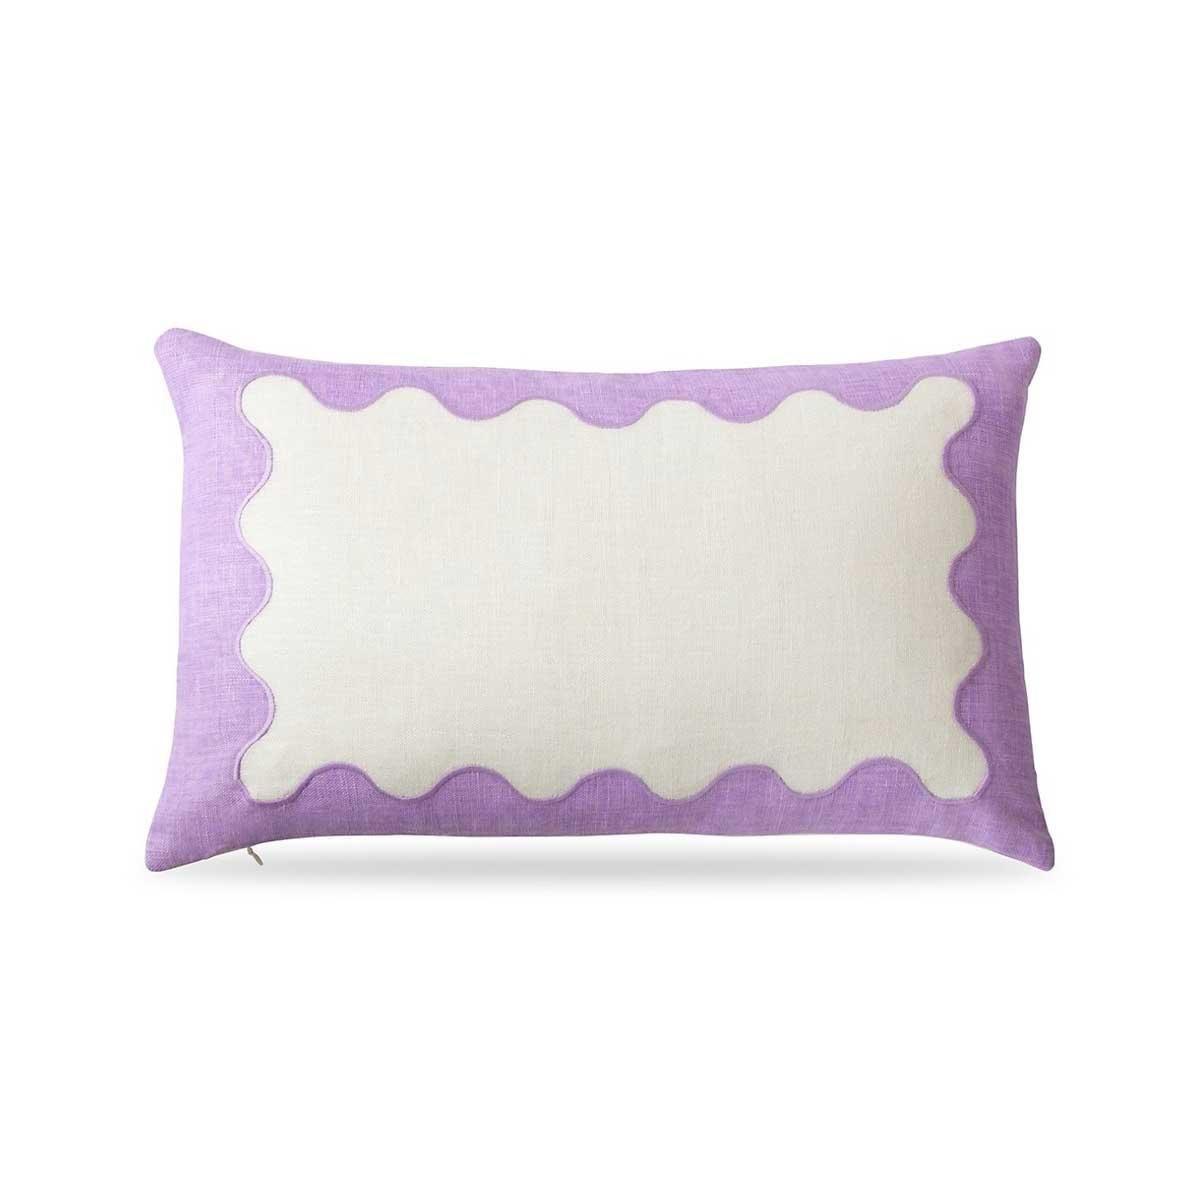 jonathan adler ripple down pillow